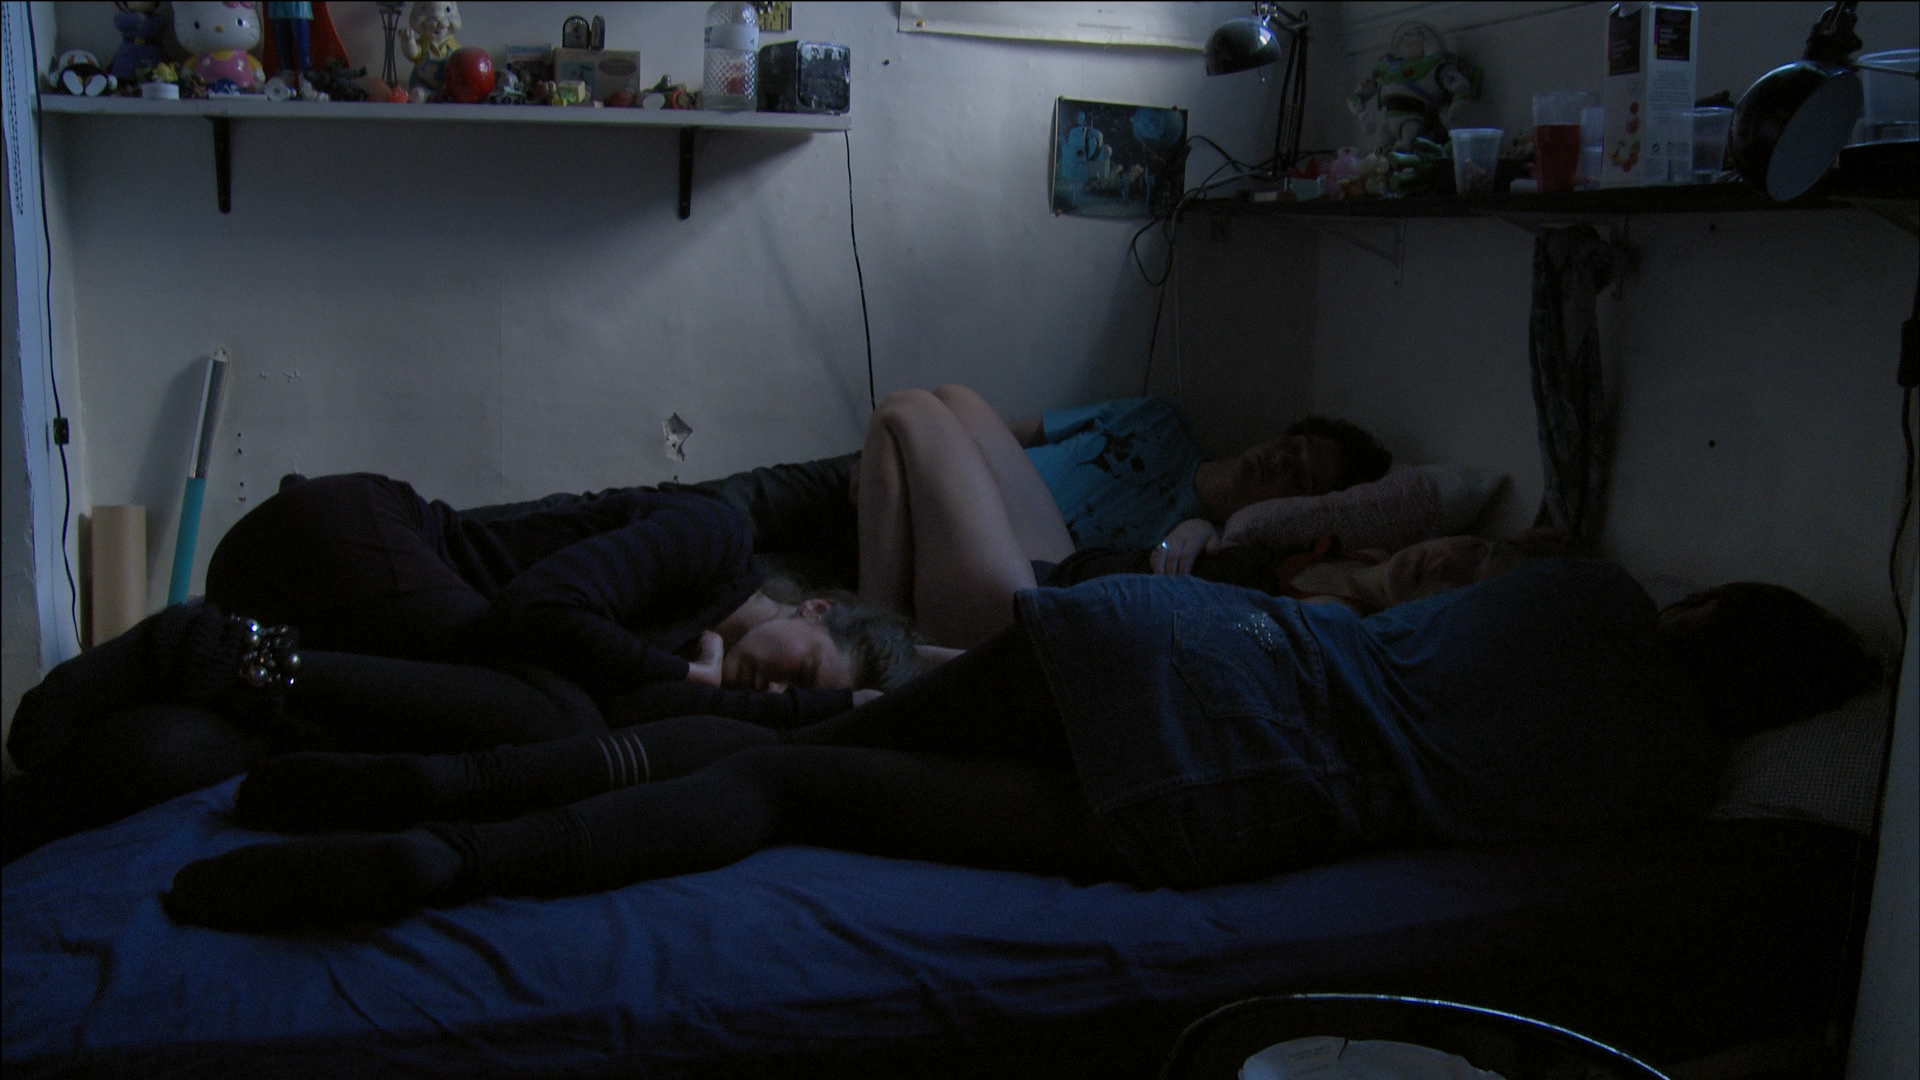 La Nuit 02 – J. Selleron – Lux Fugit Films